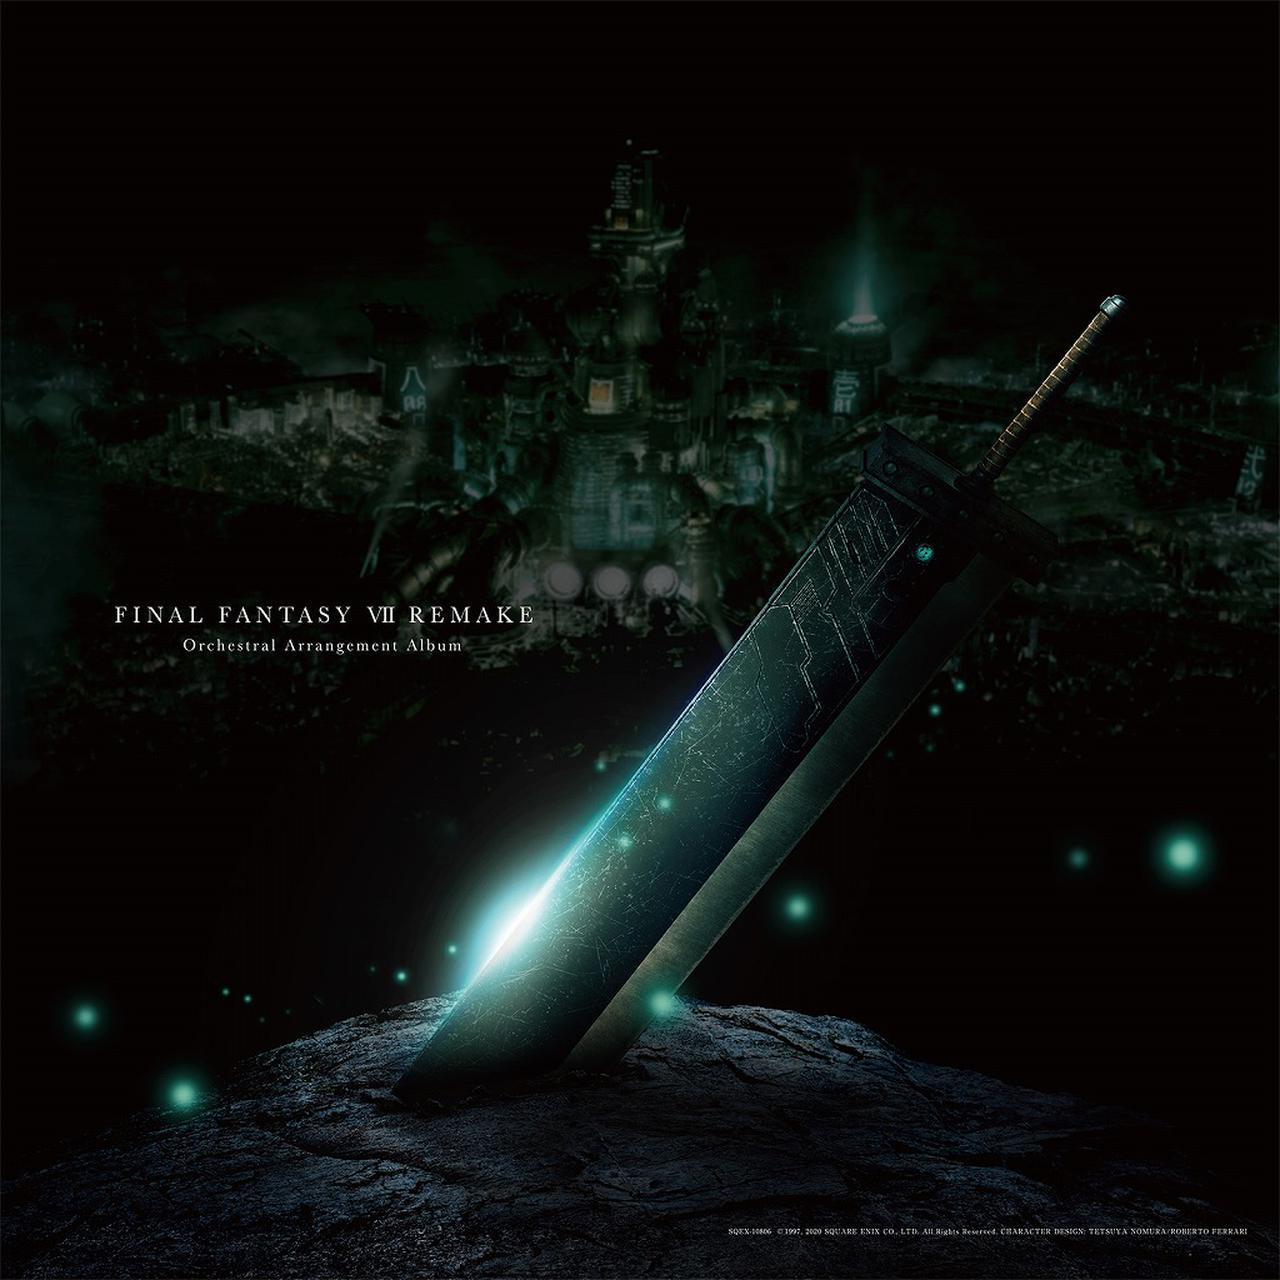 画像: FINAL FANTASY VII REMAKE Orchestral Arrangement Album / 植松 伸夫 and more